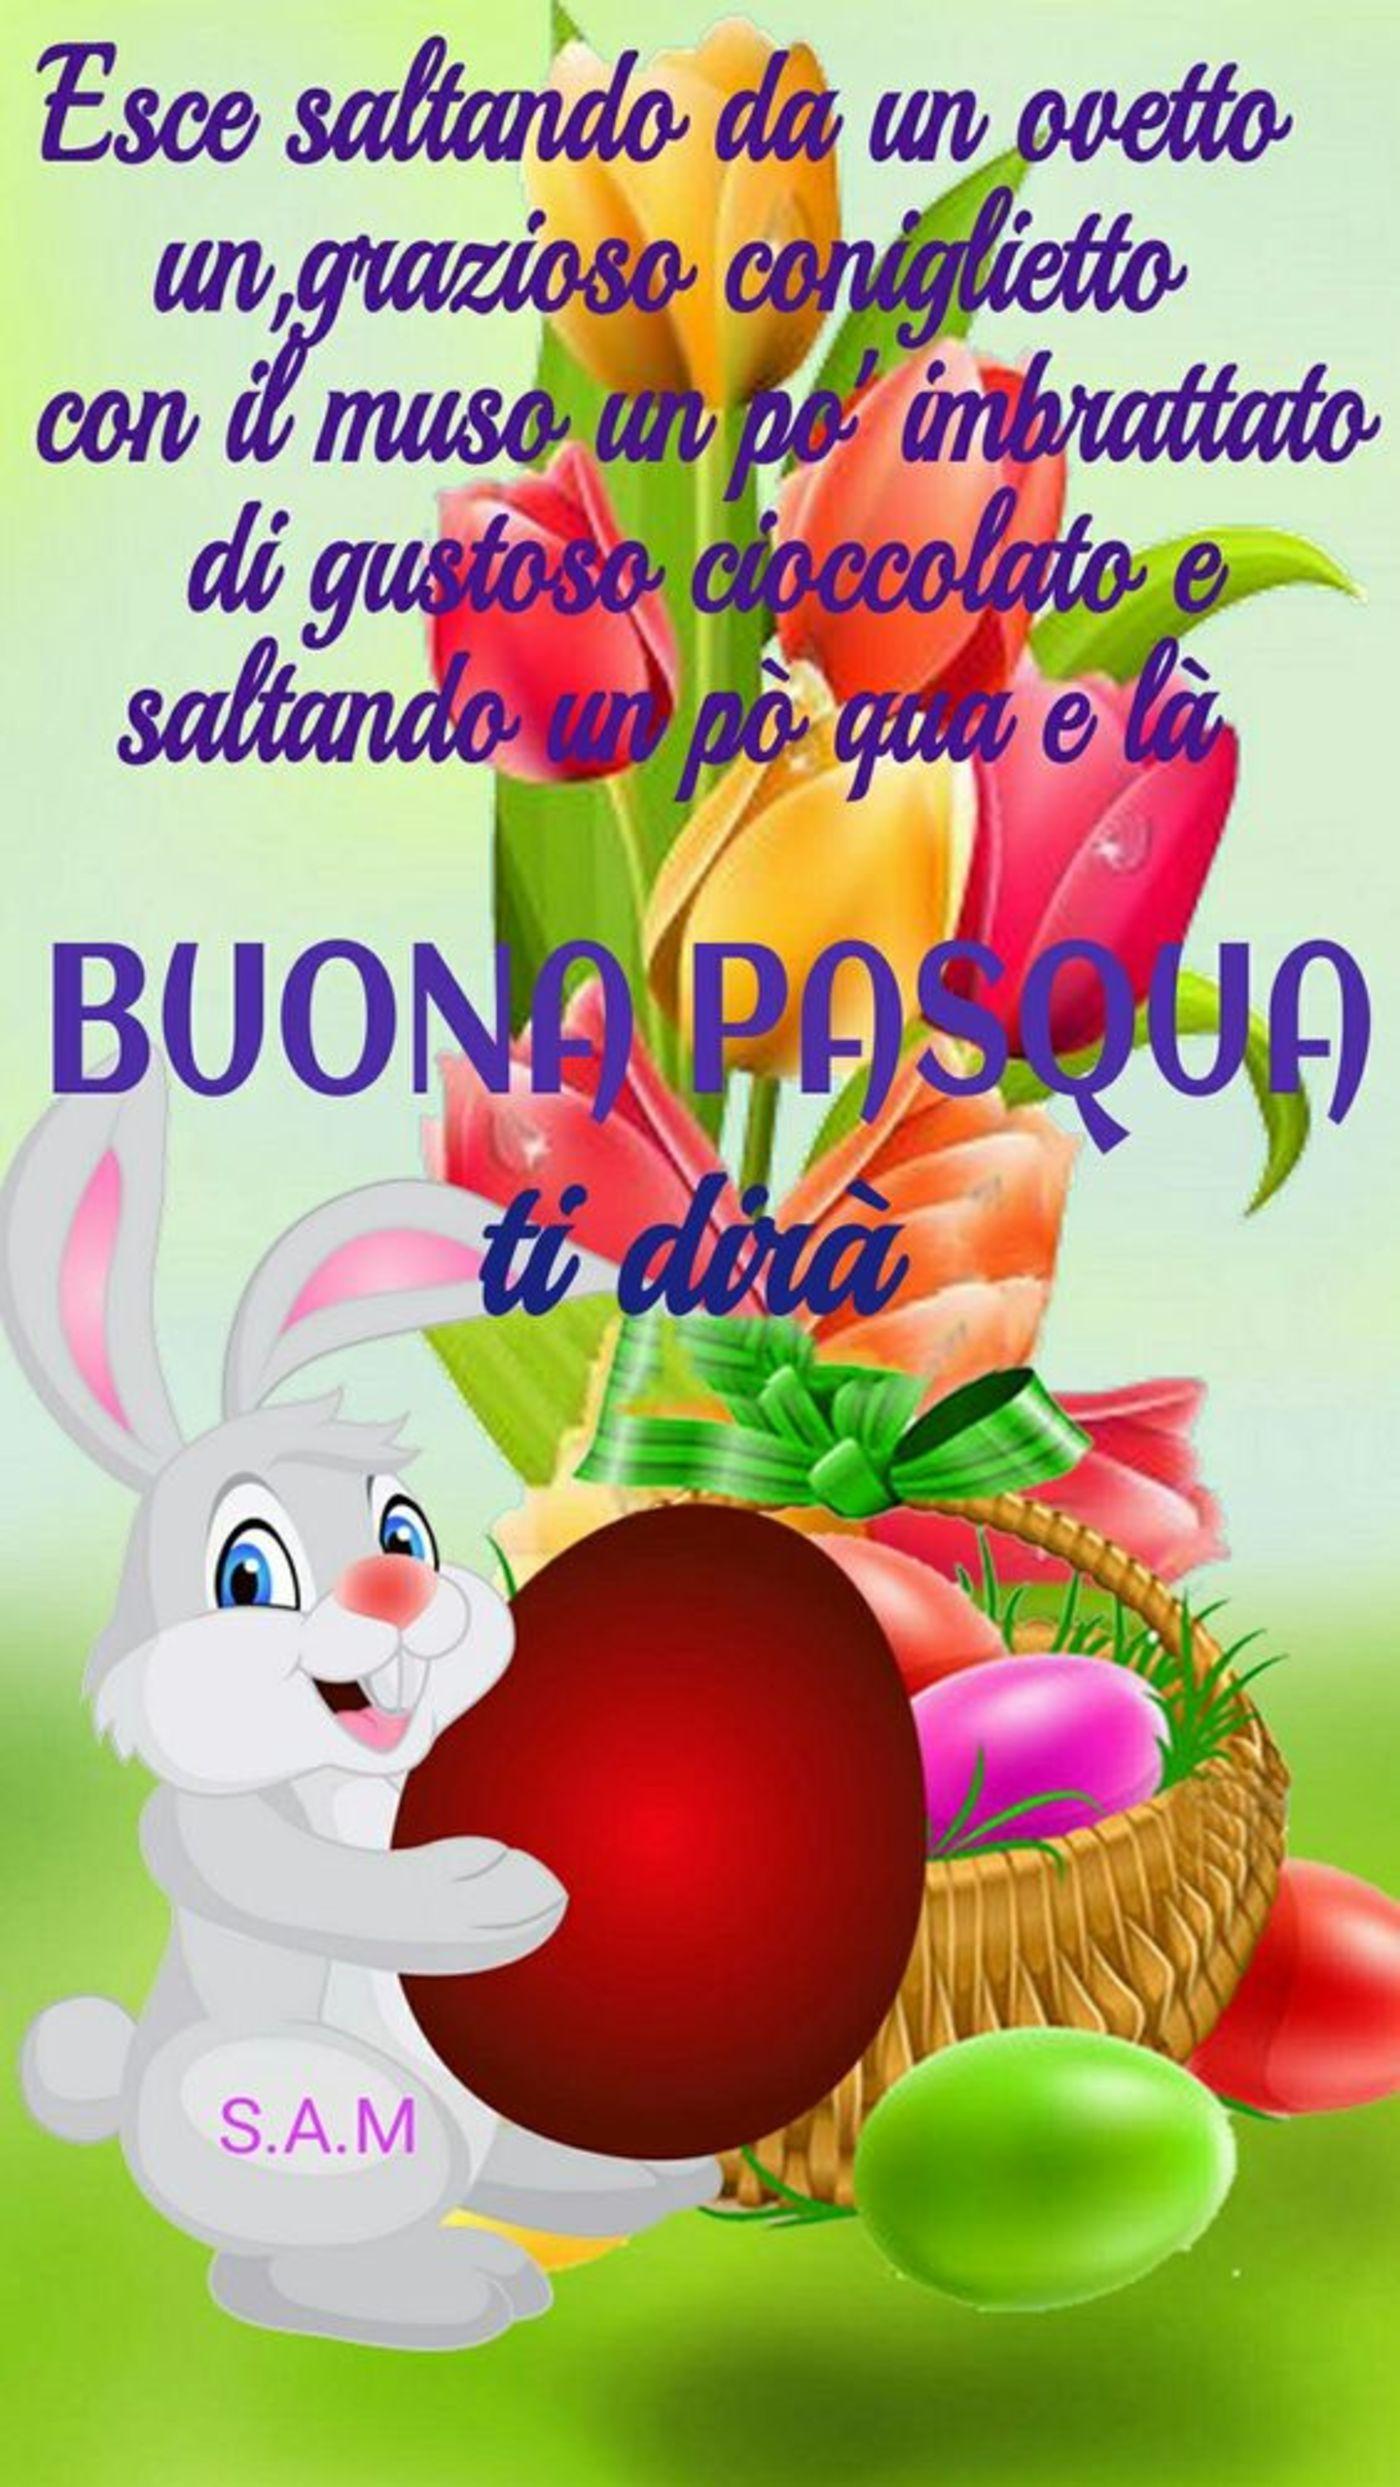 Buona Pasqua Immagini Da Condividere Gratis 837